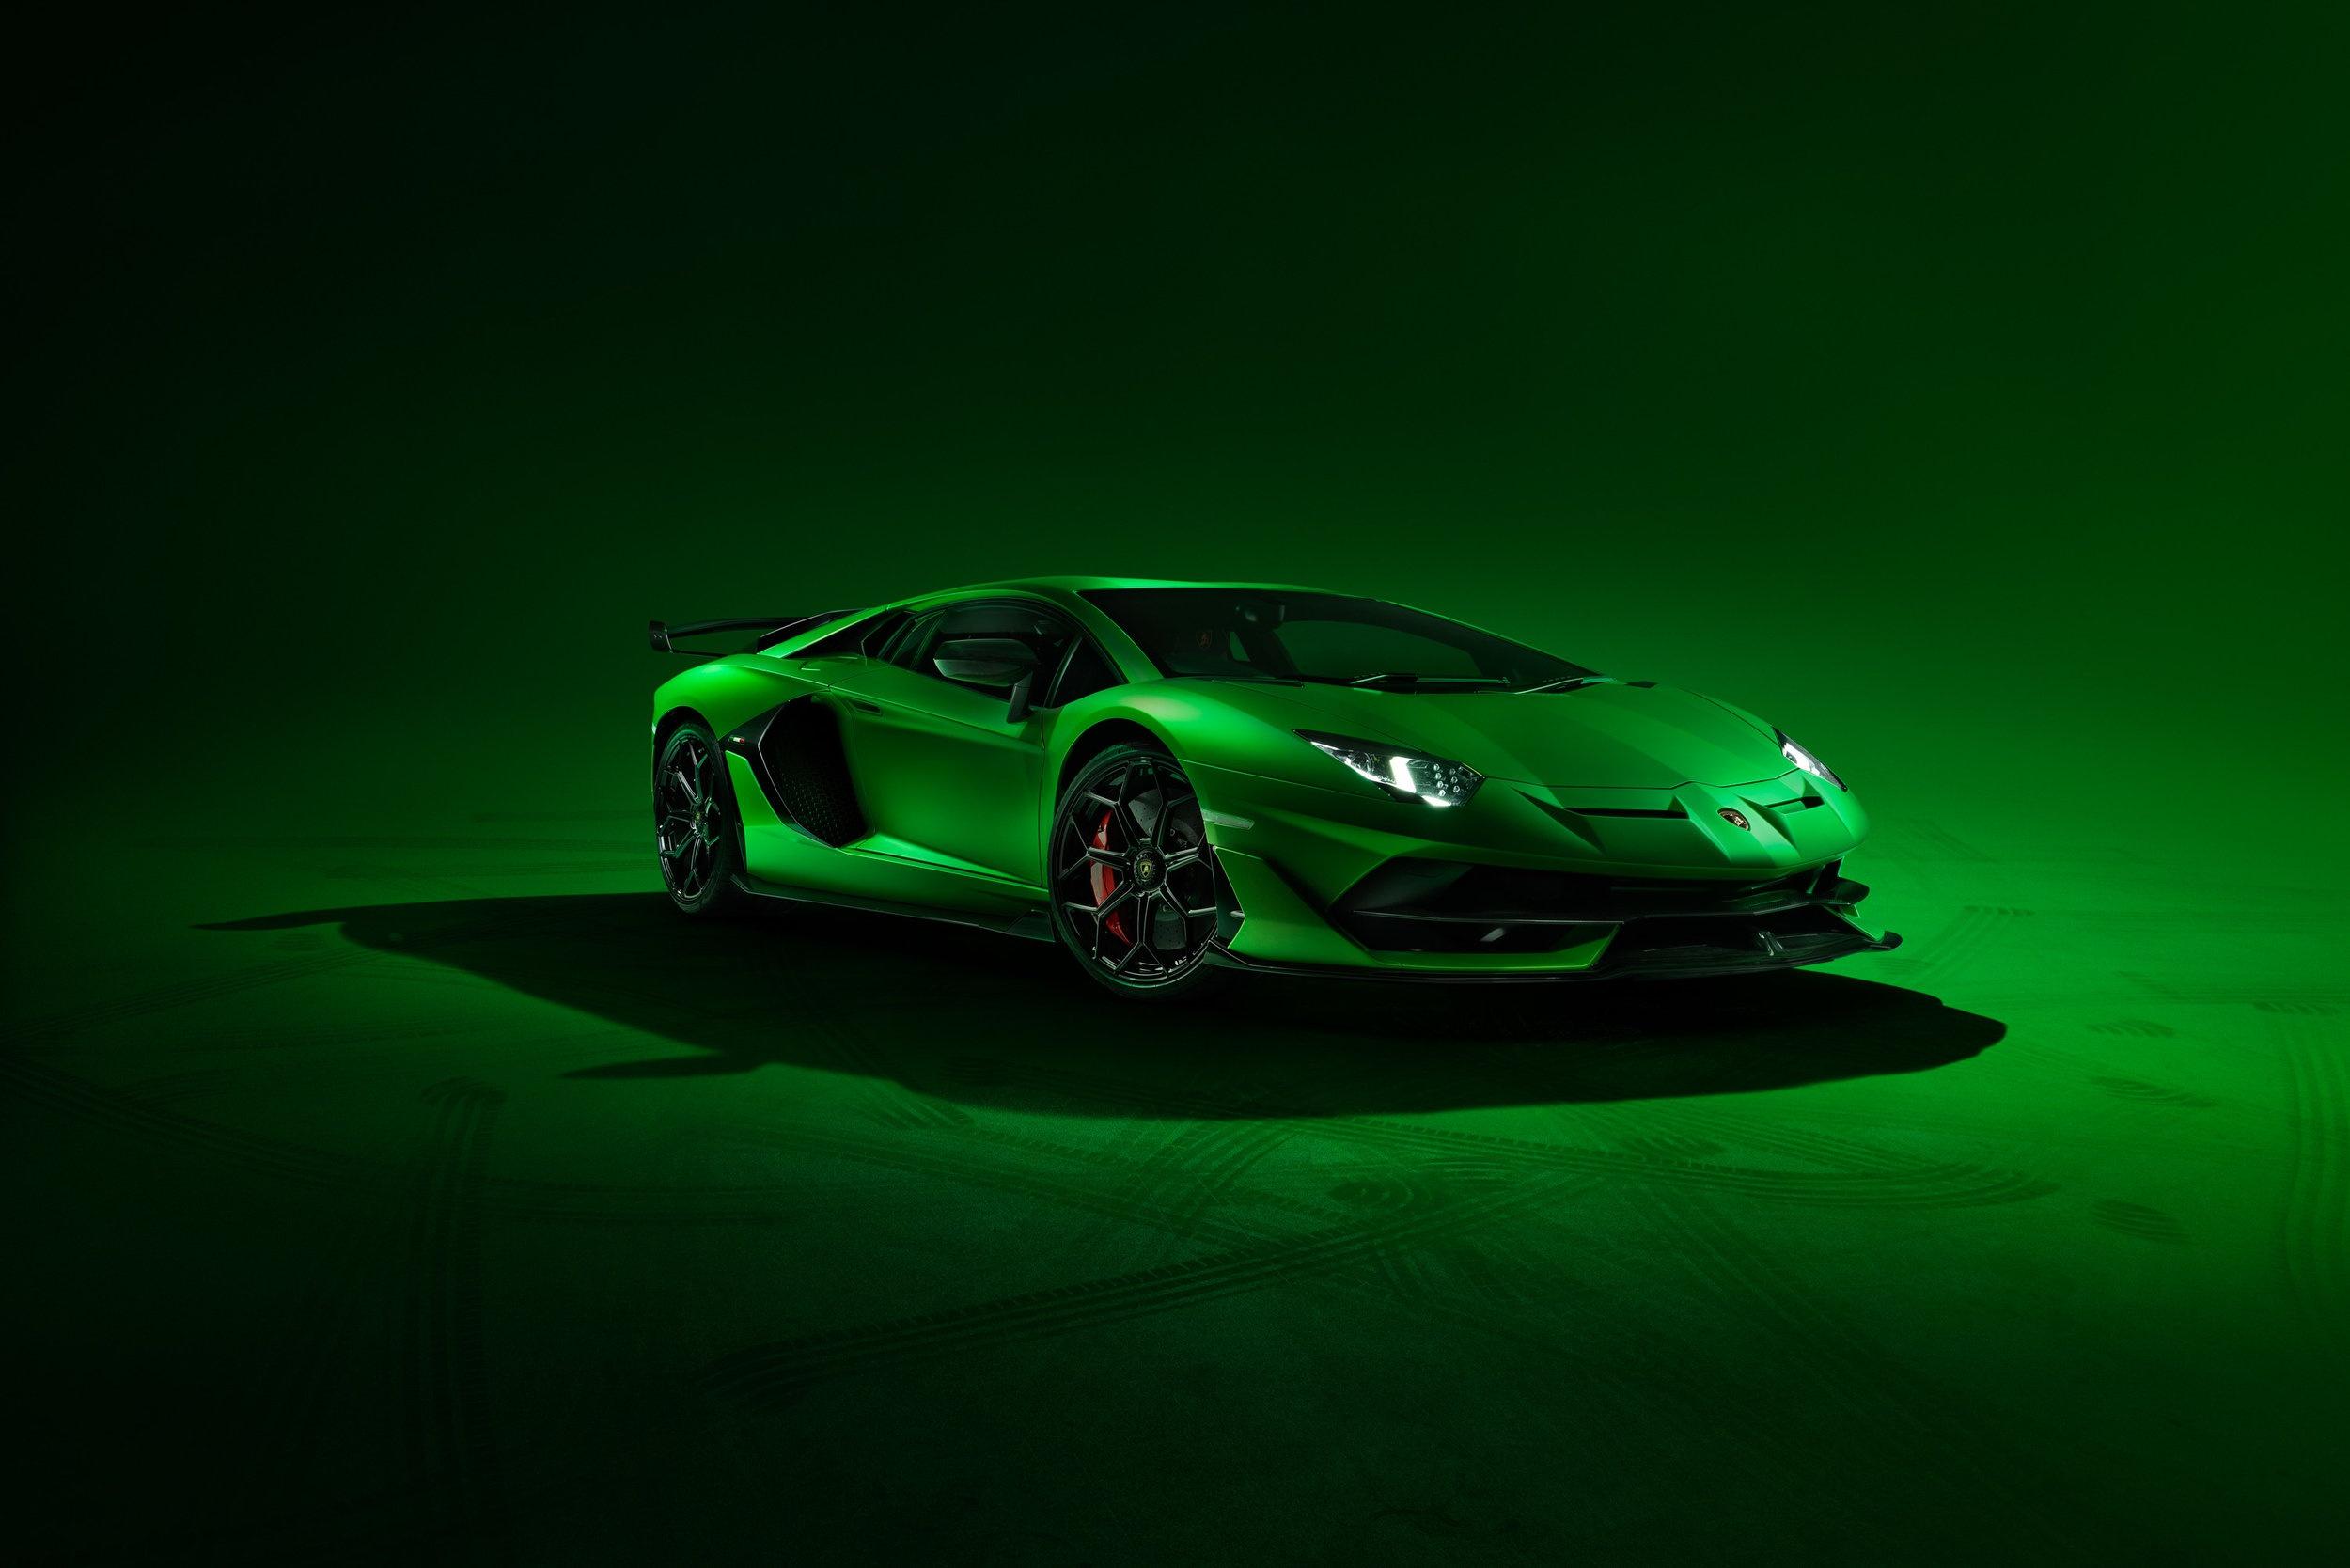 Green Lamborghini Aventador Hd обои фон 2500x1668 Id